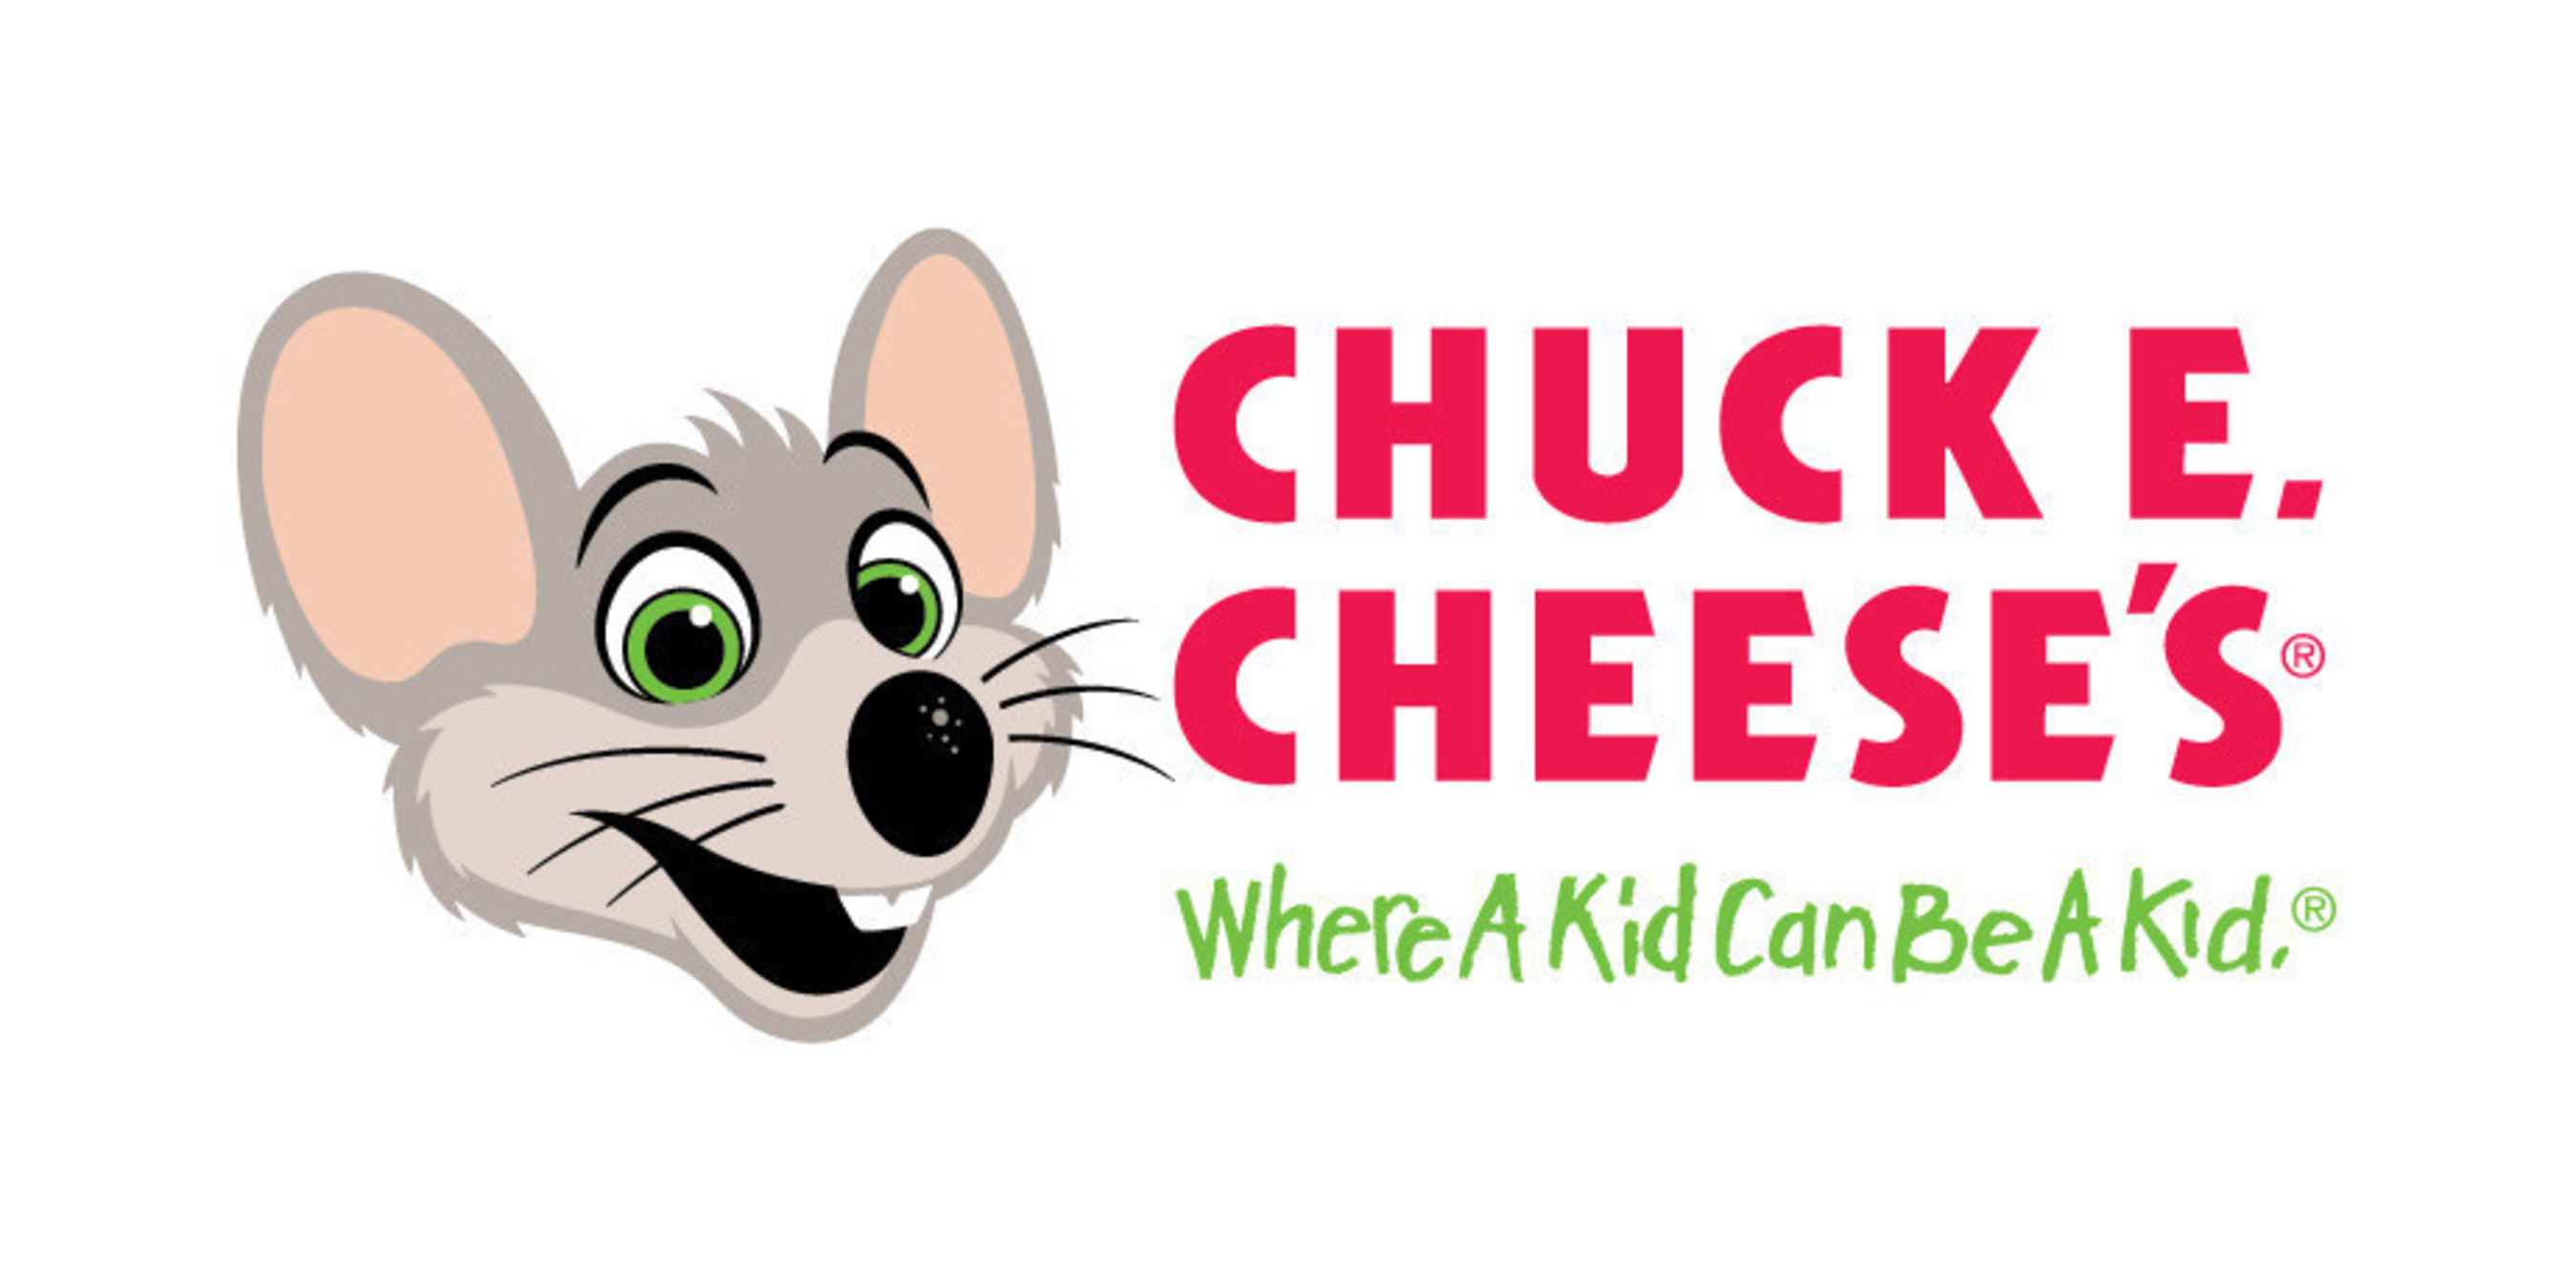 Spook-Tacular Fun At Chuck E. Cheese's Throughout 'Chucktober'